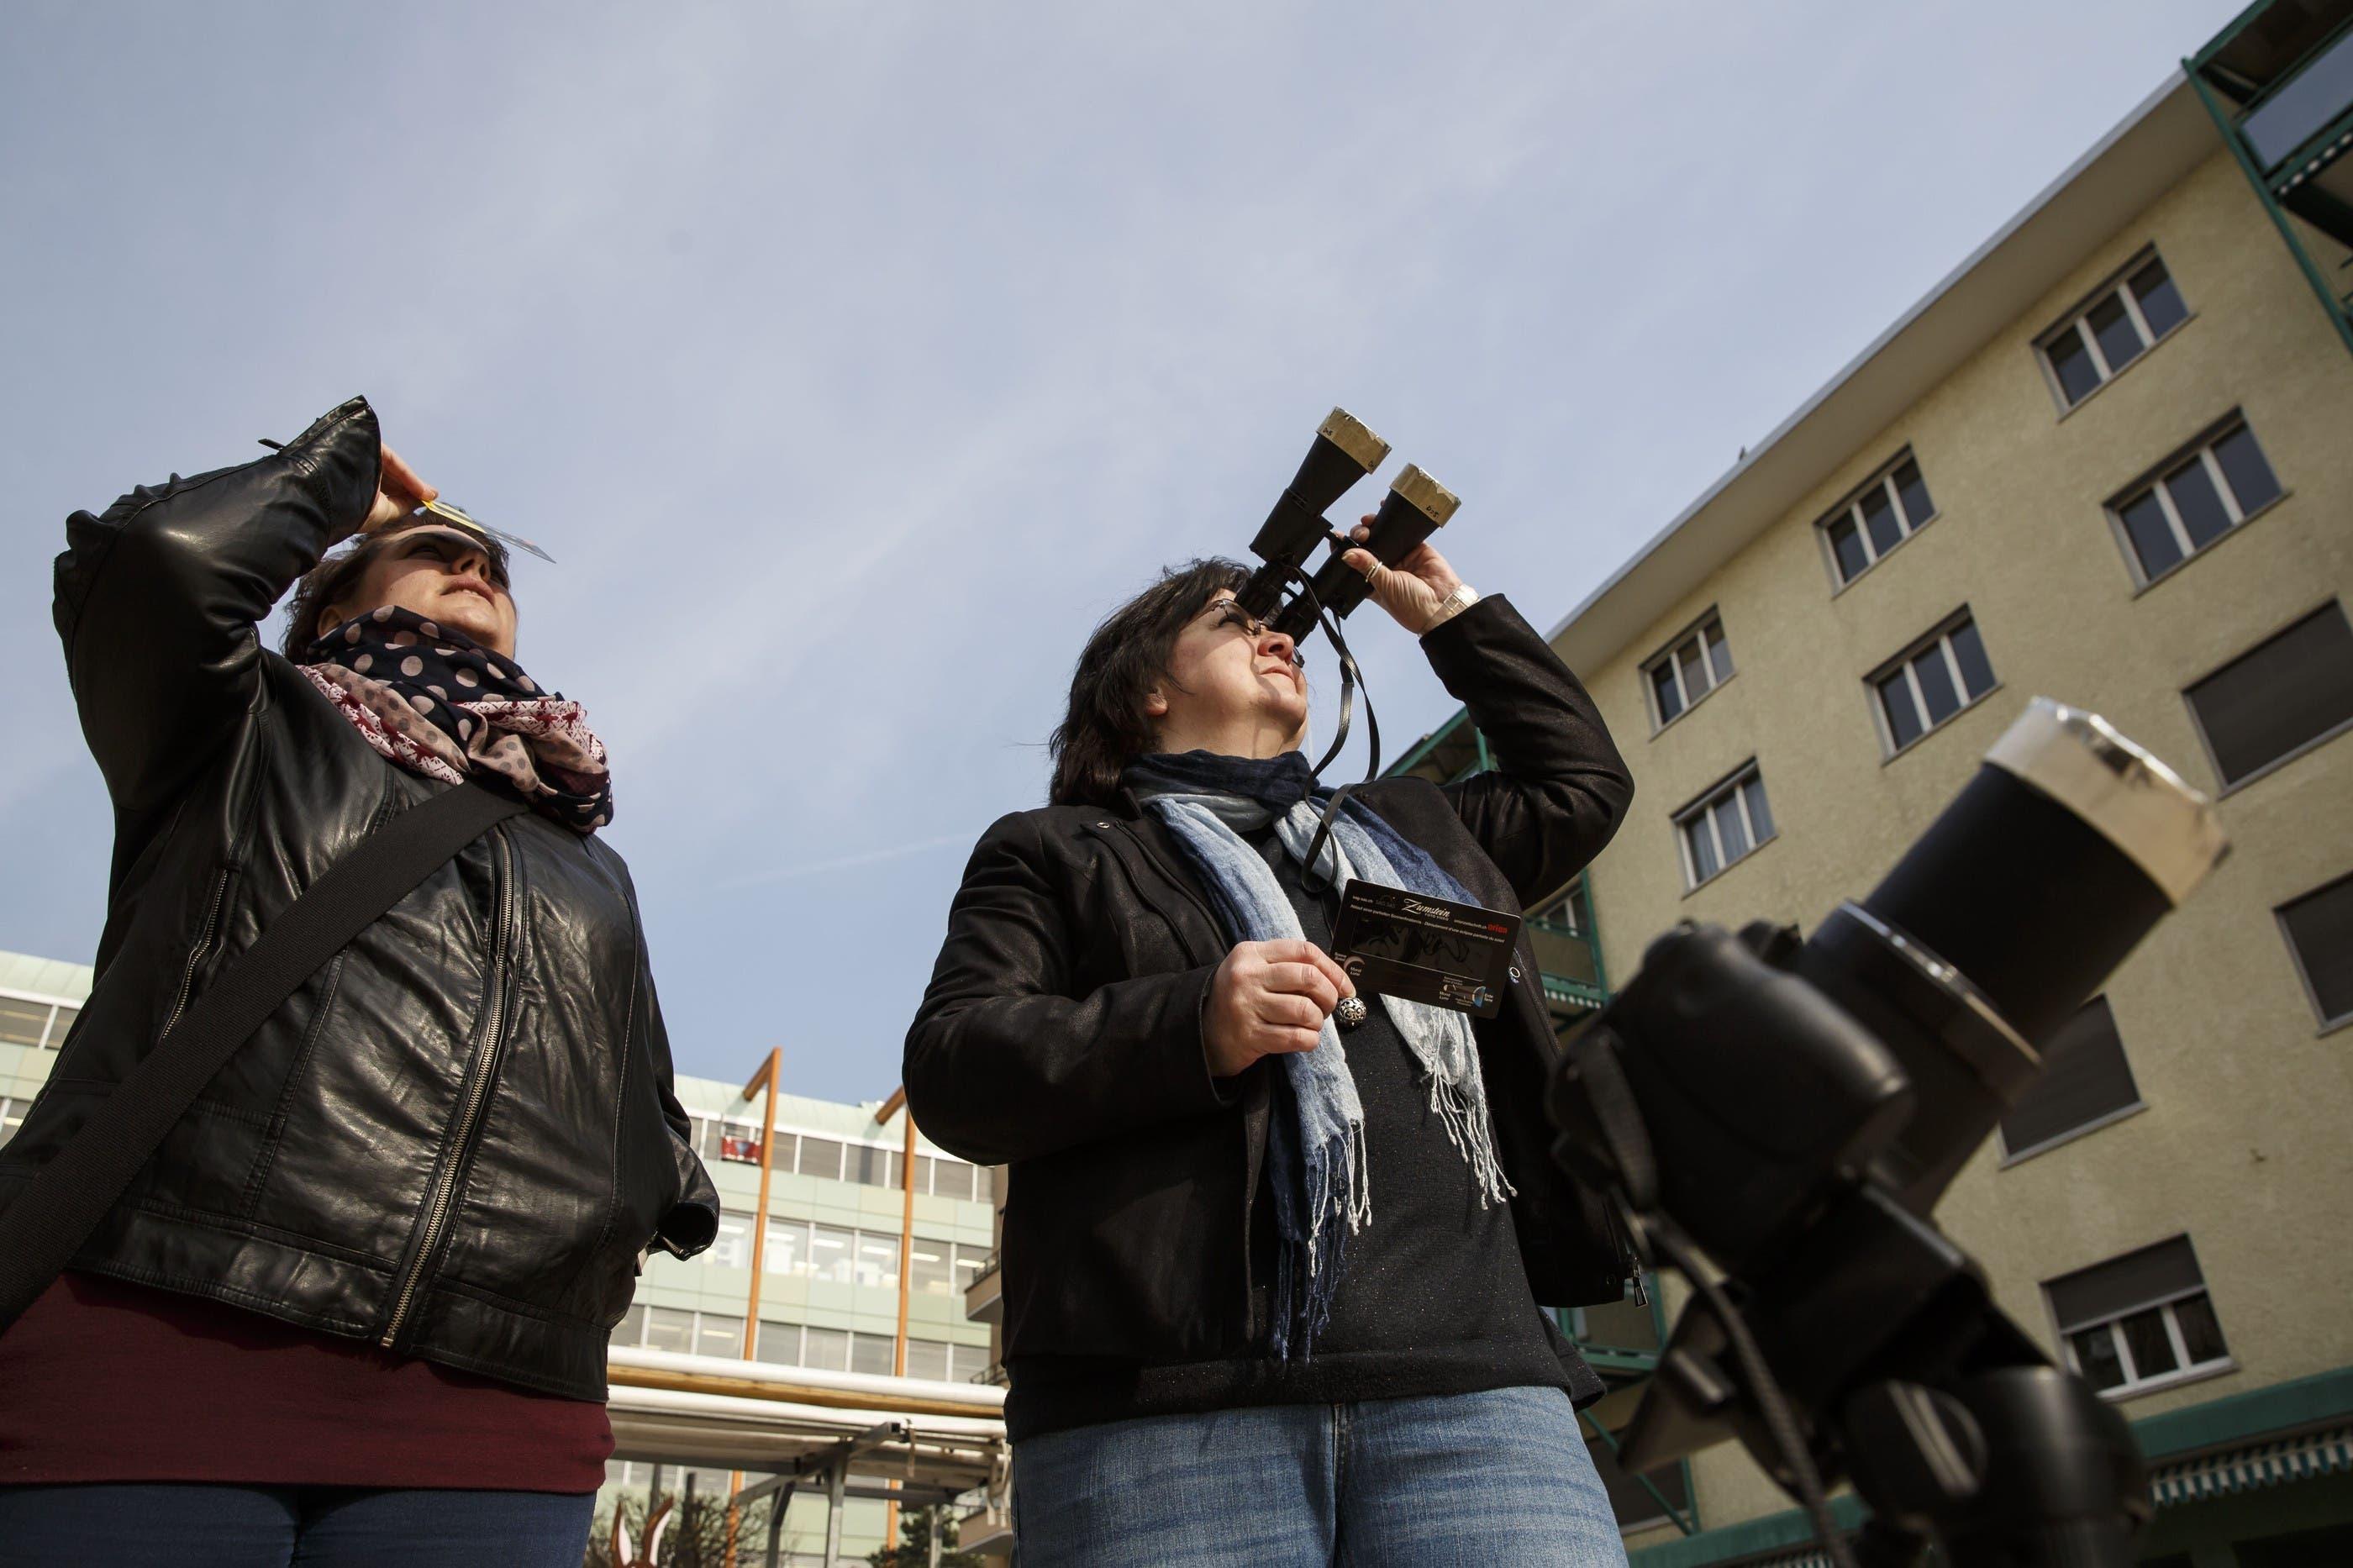 Mitarbeiter der Sternwarte zeigen Passanten das Naturschauspiell auf dem Grenchner Marktplatz